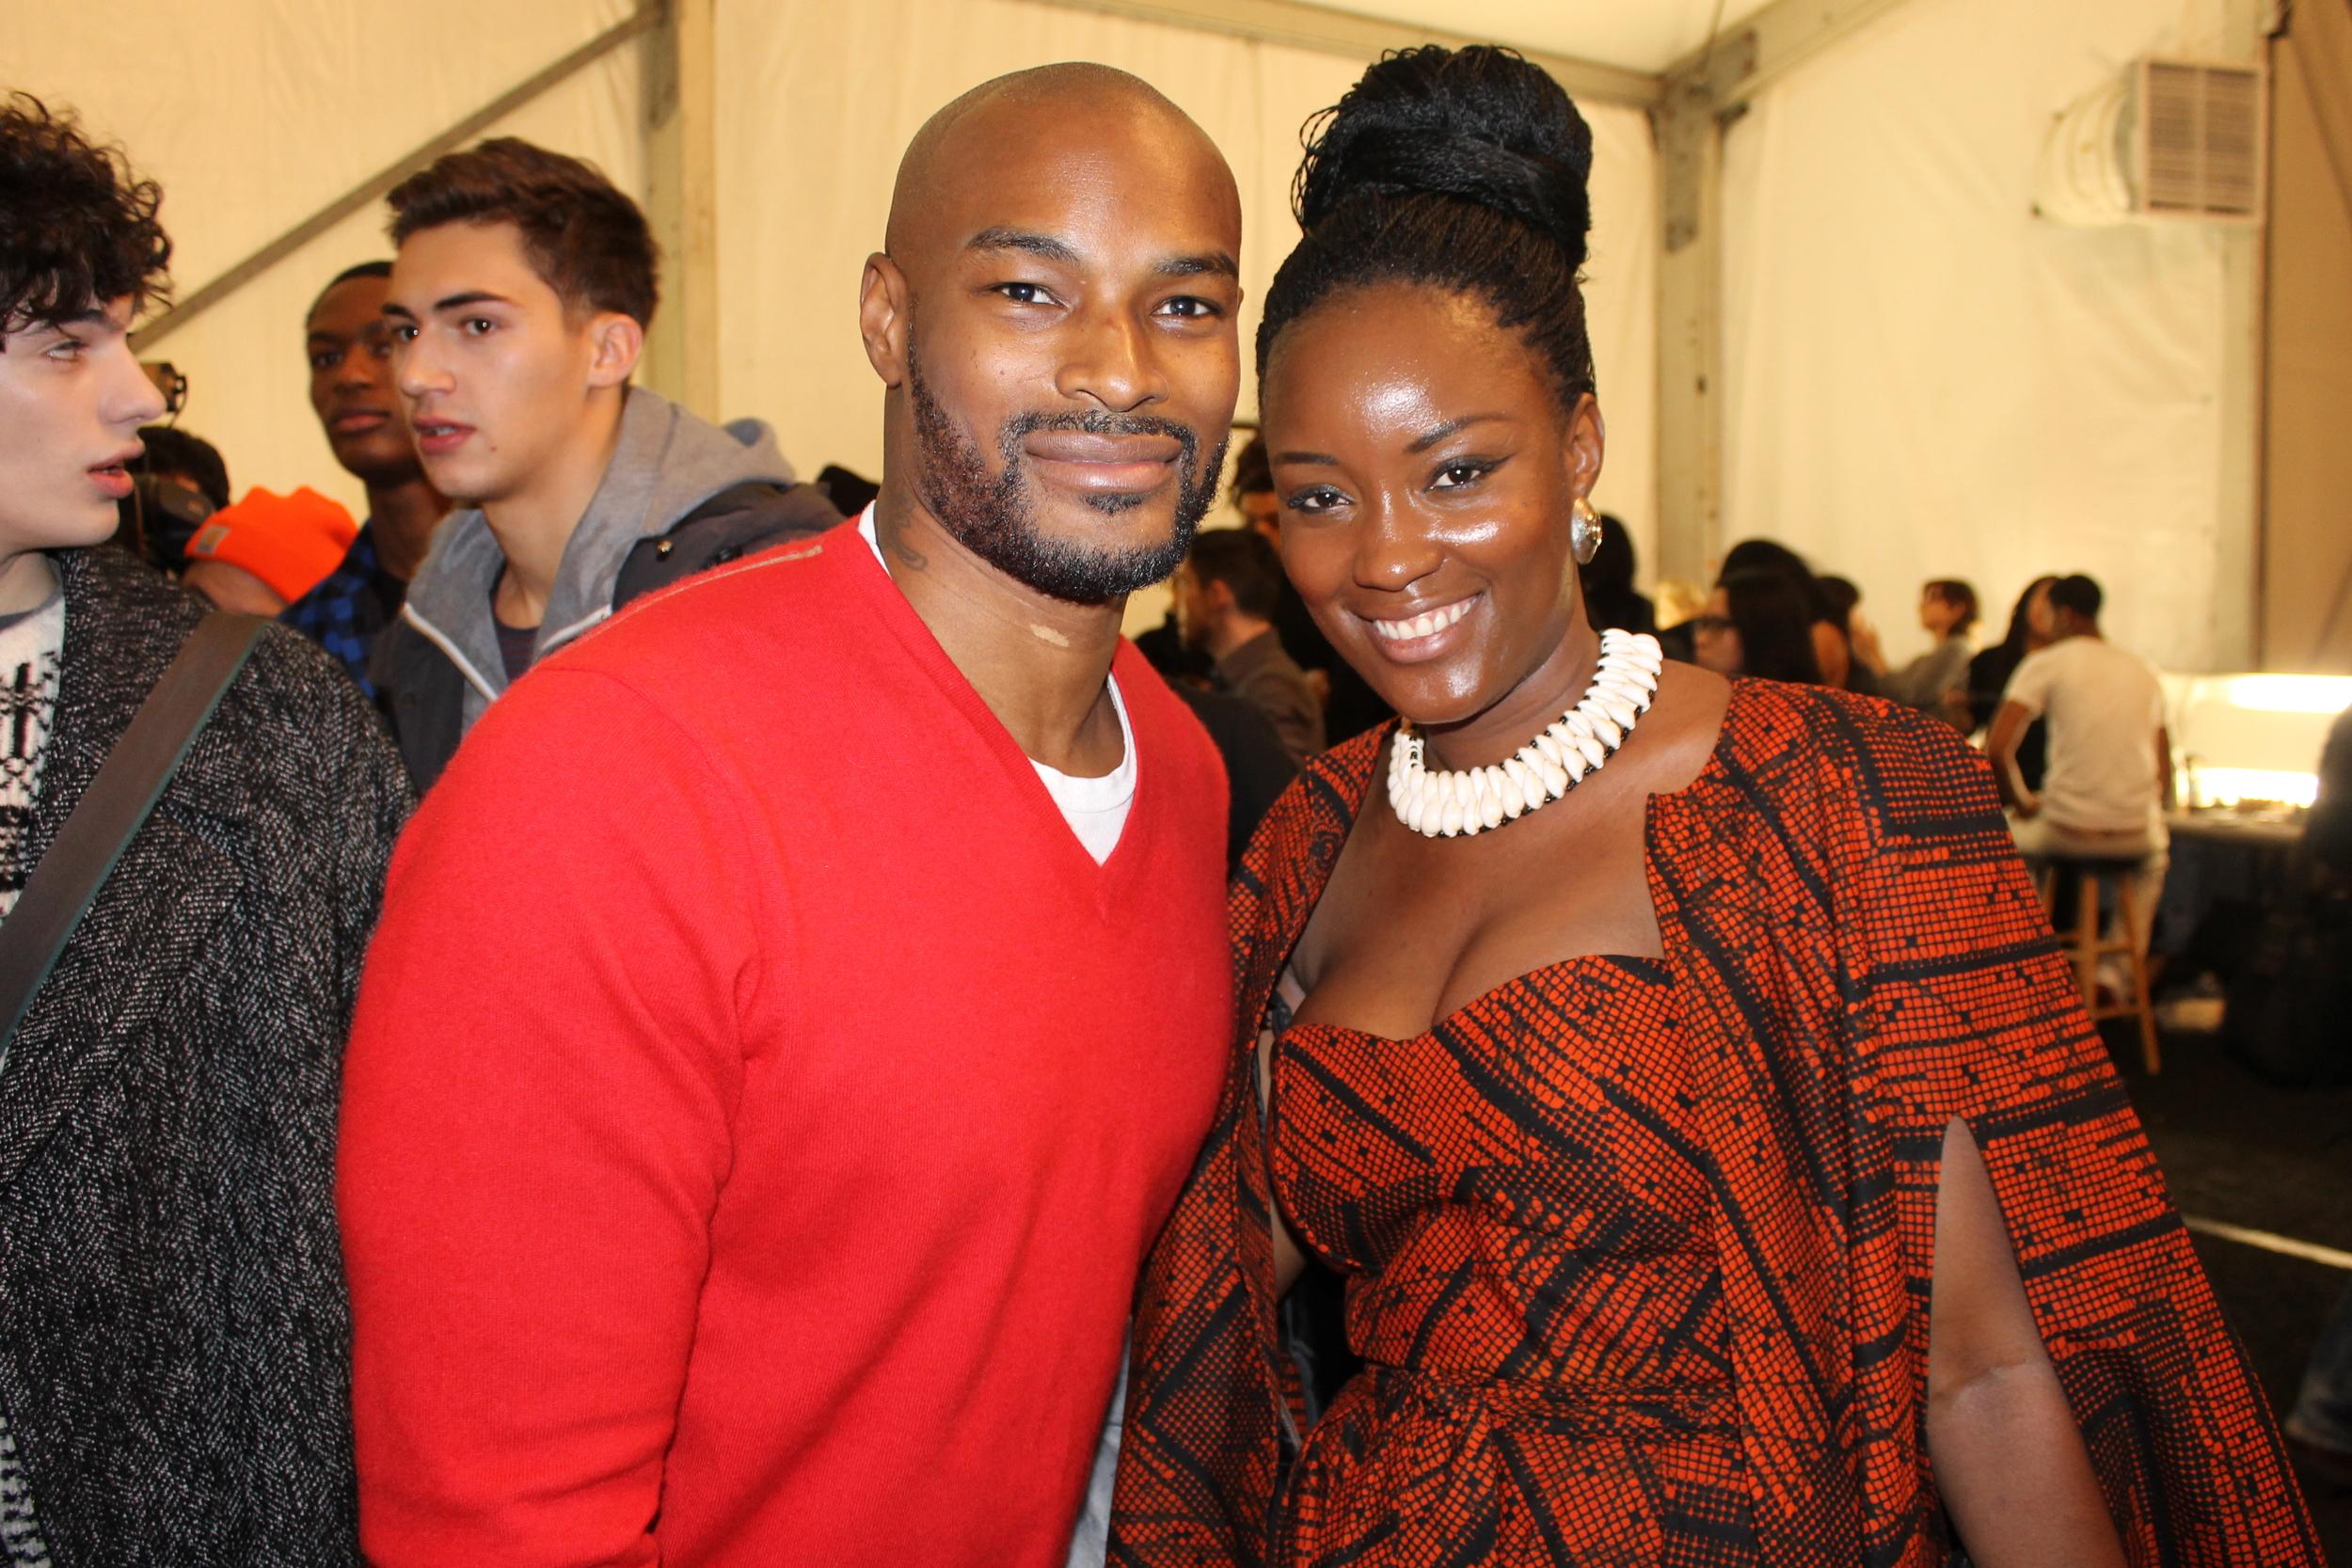 Mary Ann KaiKai with Tyson Beckford